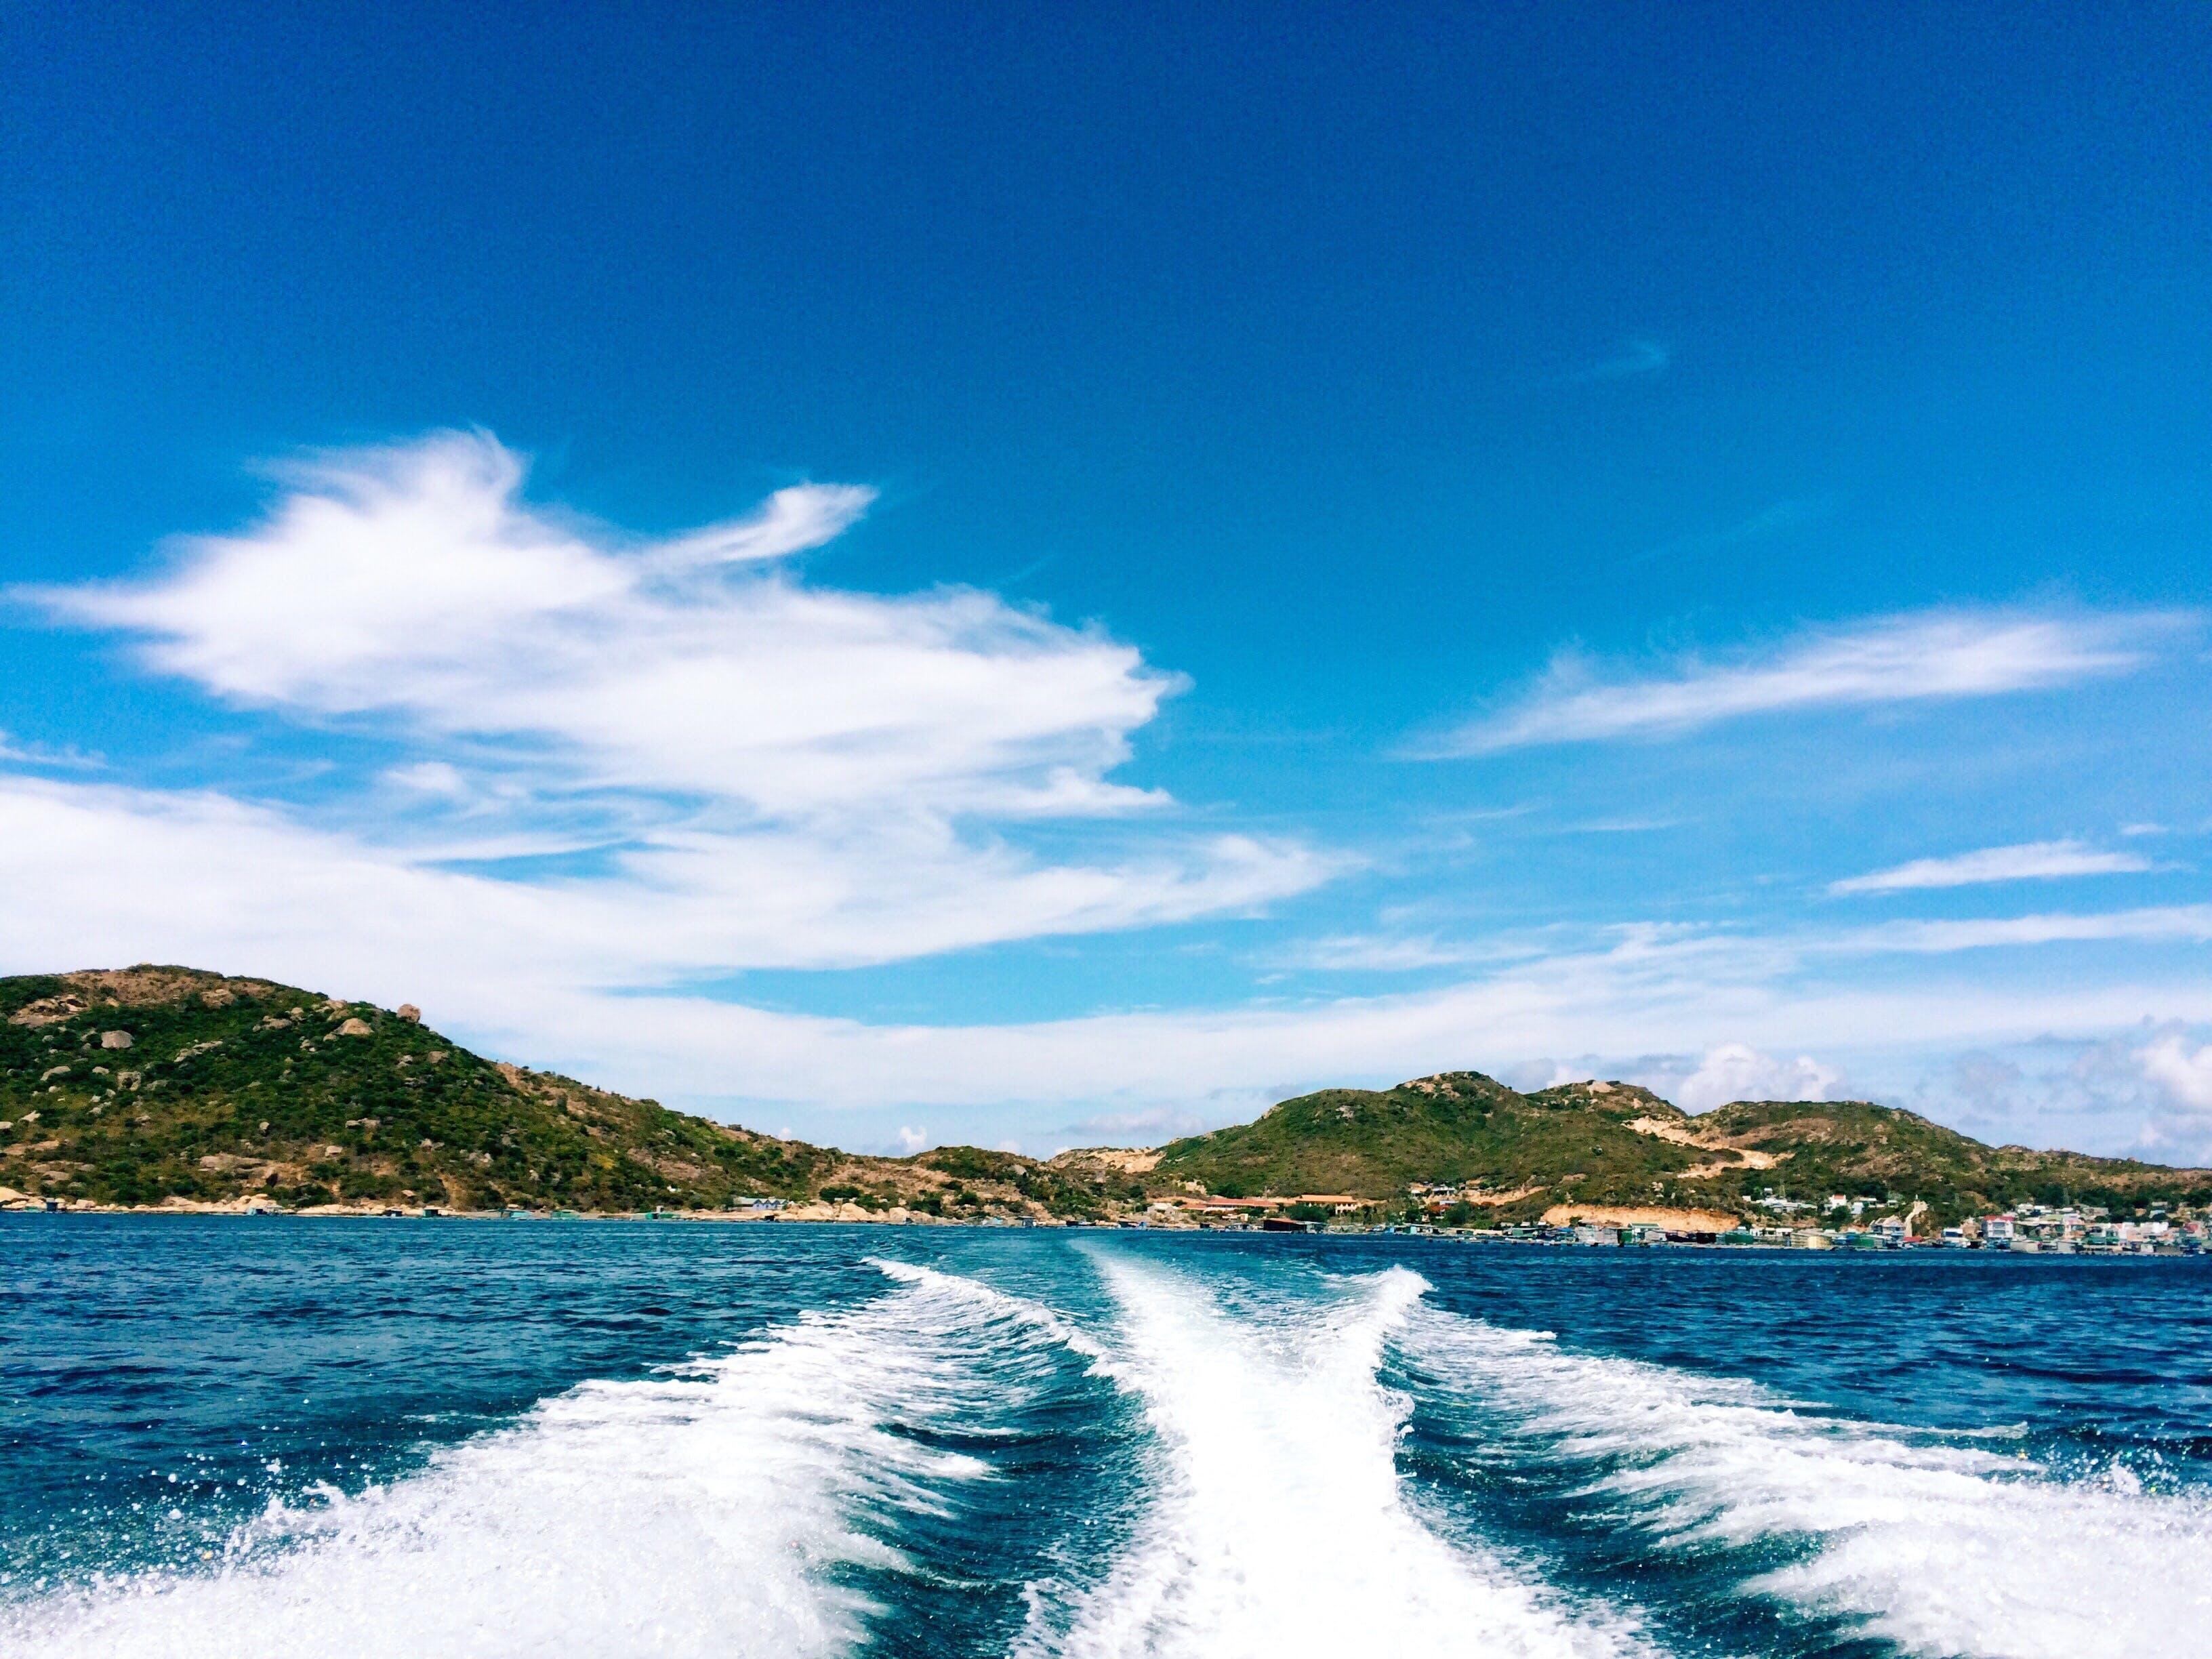 Free stock photo of Binh Ba island